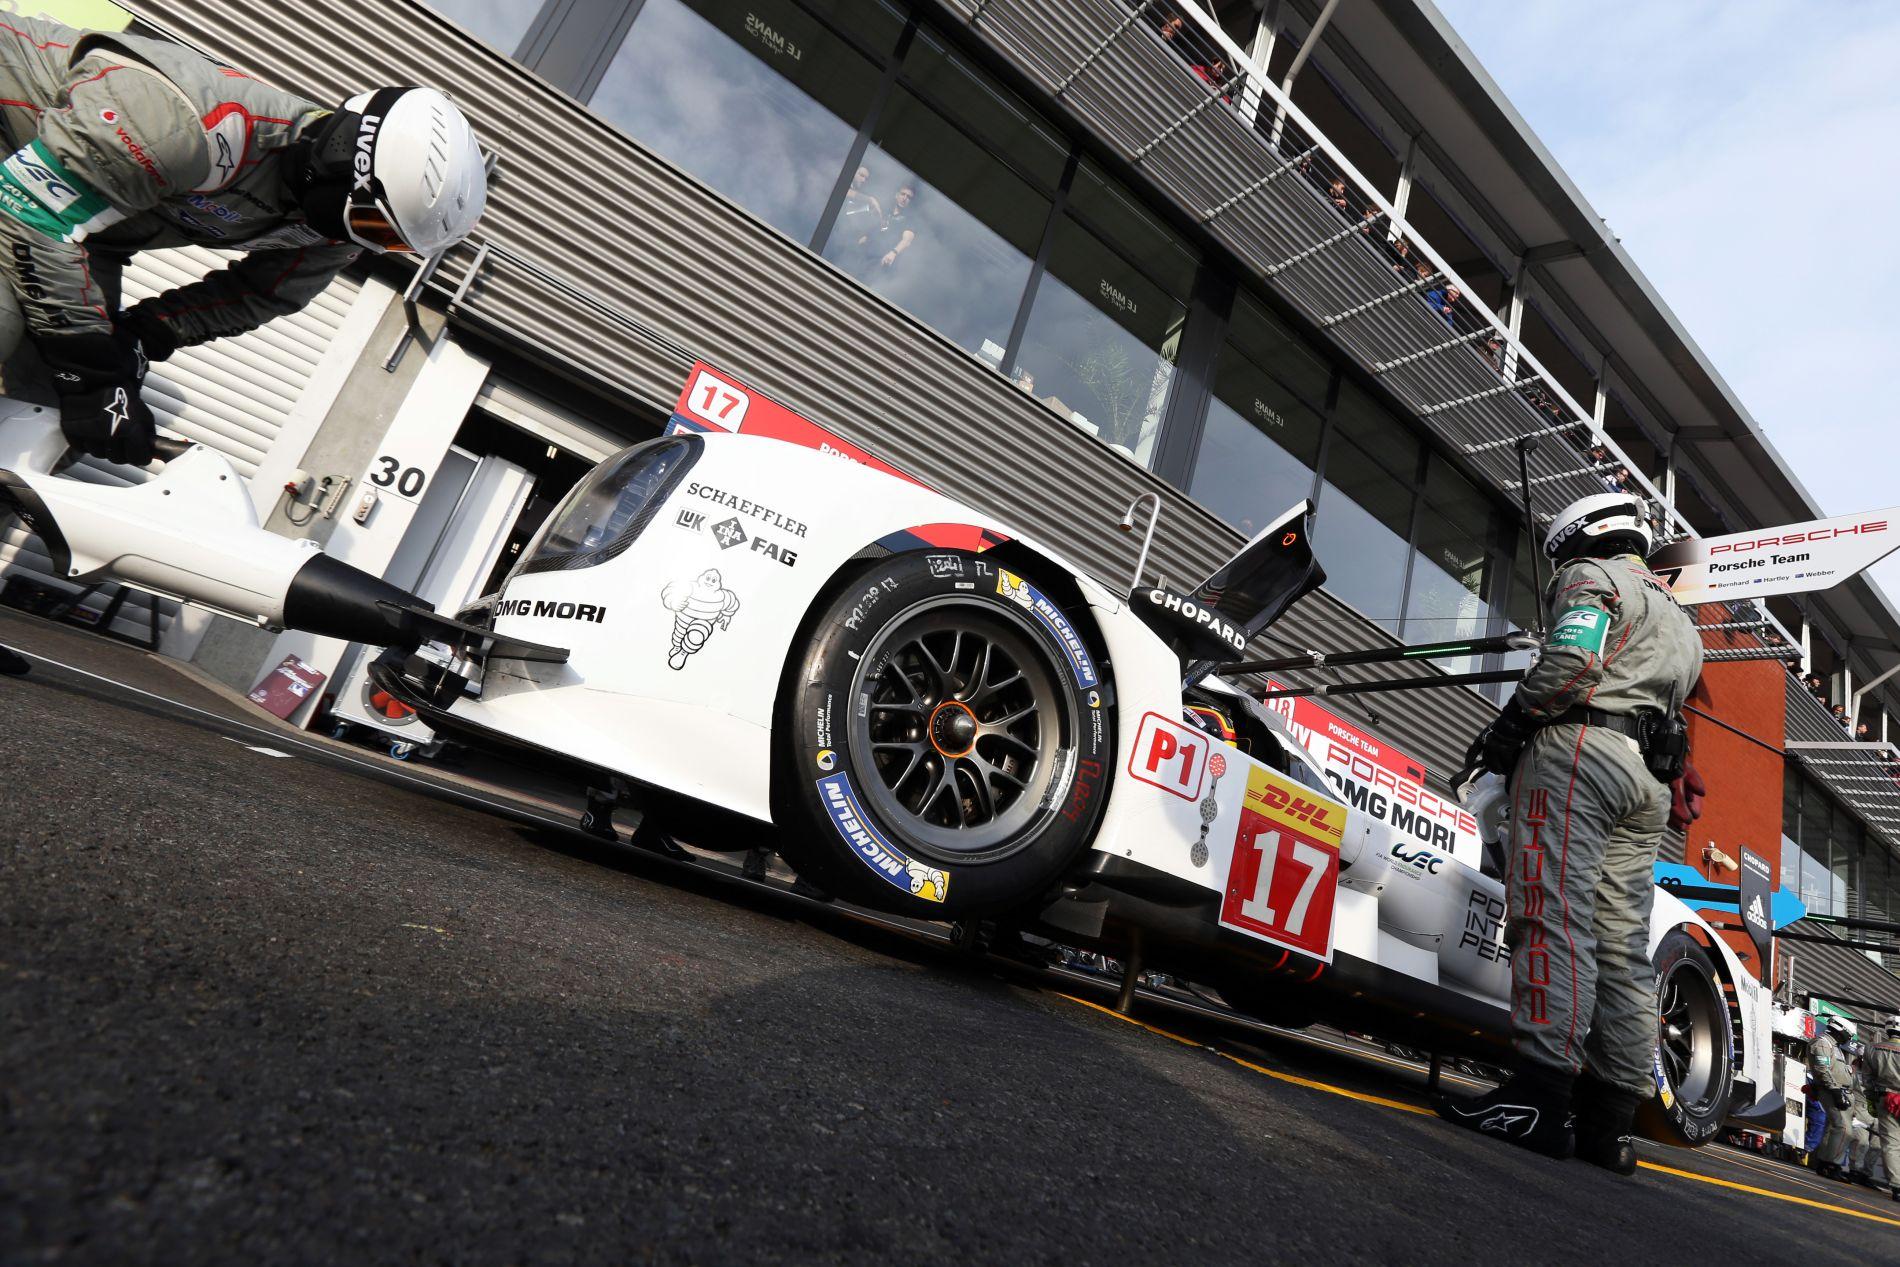 A Michelin továbbra is kitart álláspontja mellett: nyitott a gumiháborúra az F1-ben